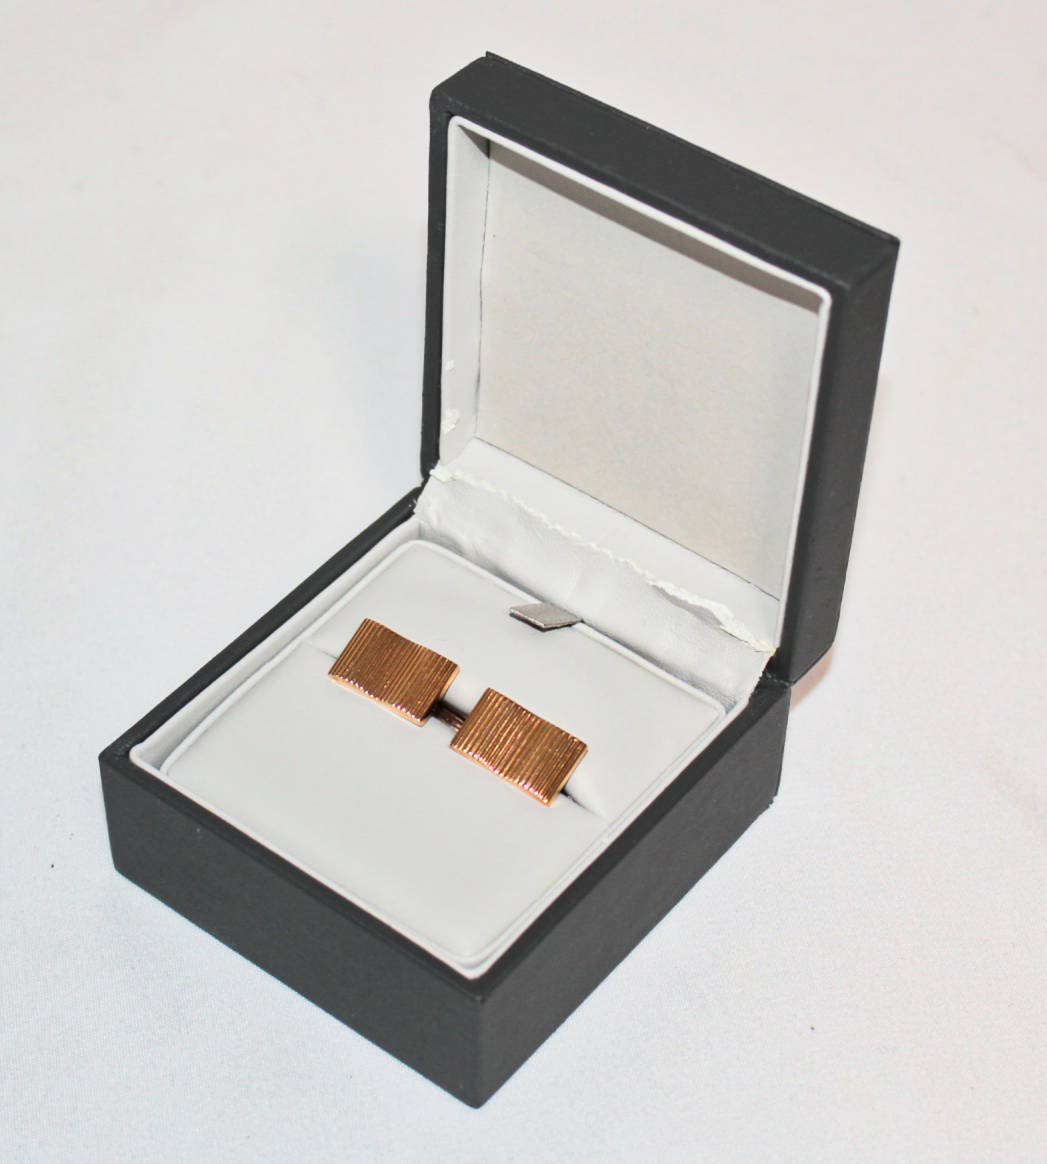 《NINA RICCI ニナリッチ》箱付新品 定価14,300円 エンボスストライプ カフリンクス カフス メンズ レッドゴールド プレゼントにも A2065_画像7